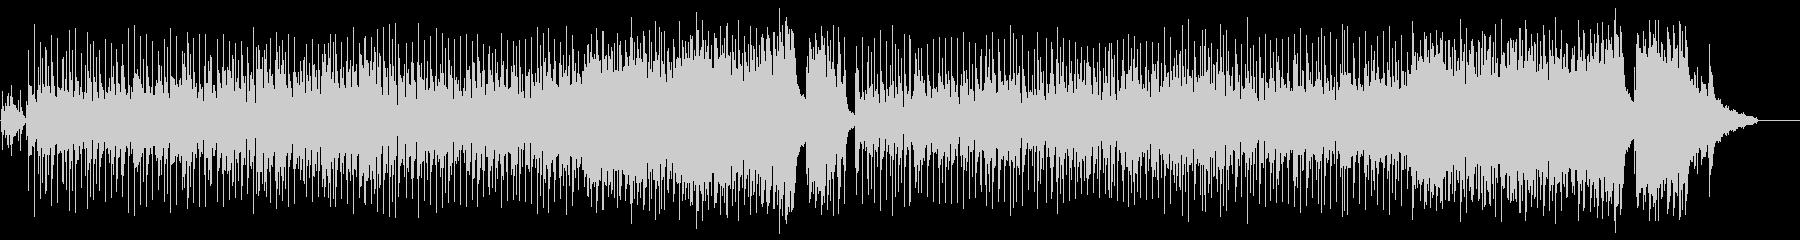 ハネムーンVTR向け愛のポップ/バラードの未再生の波形